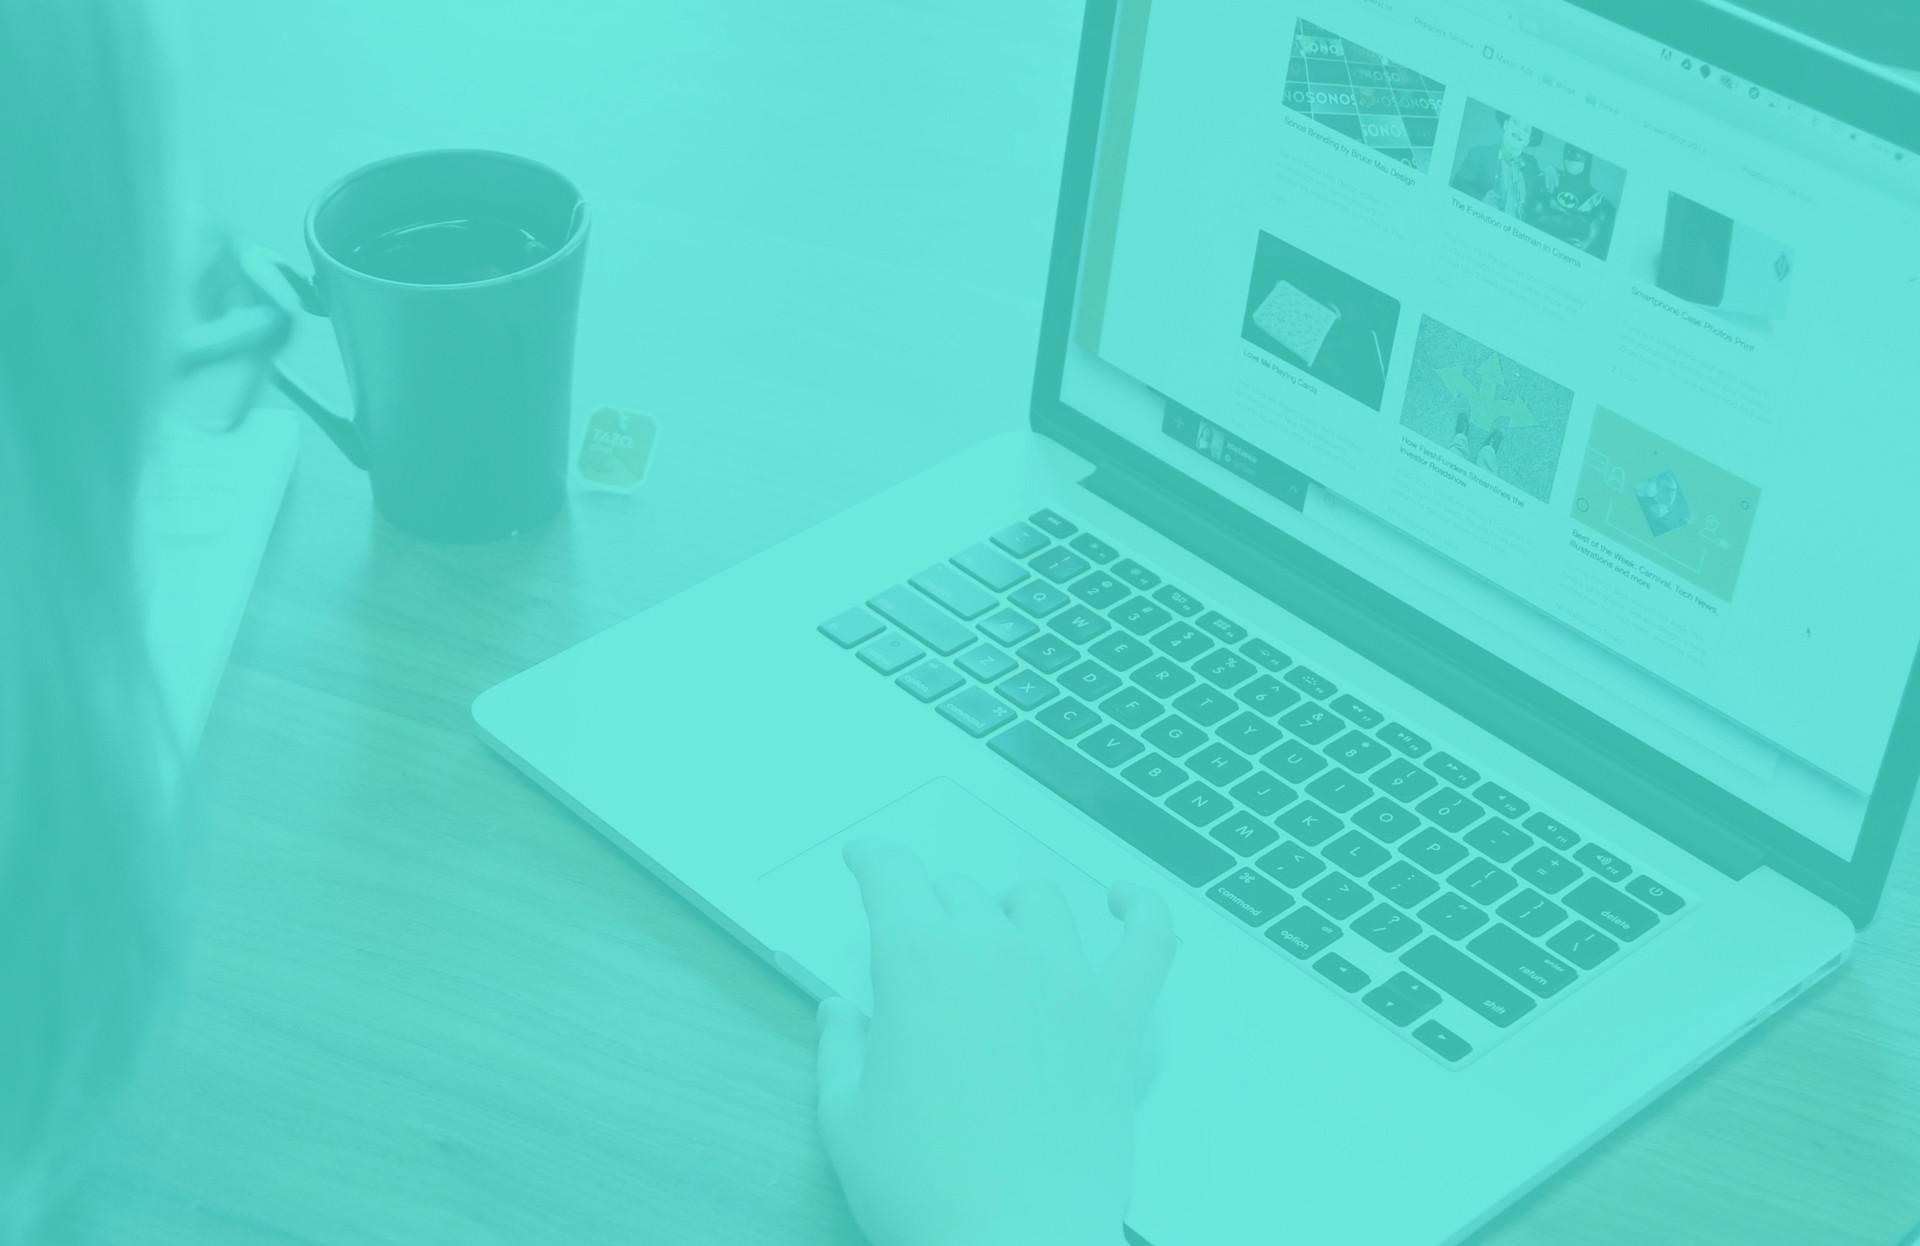 Optimizing Existing Website